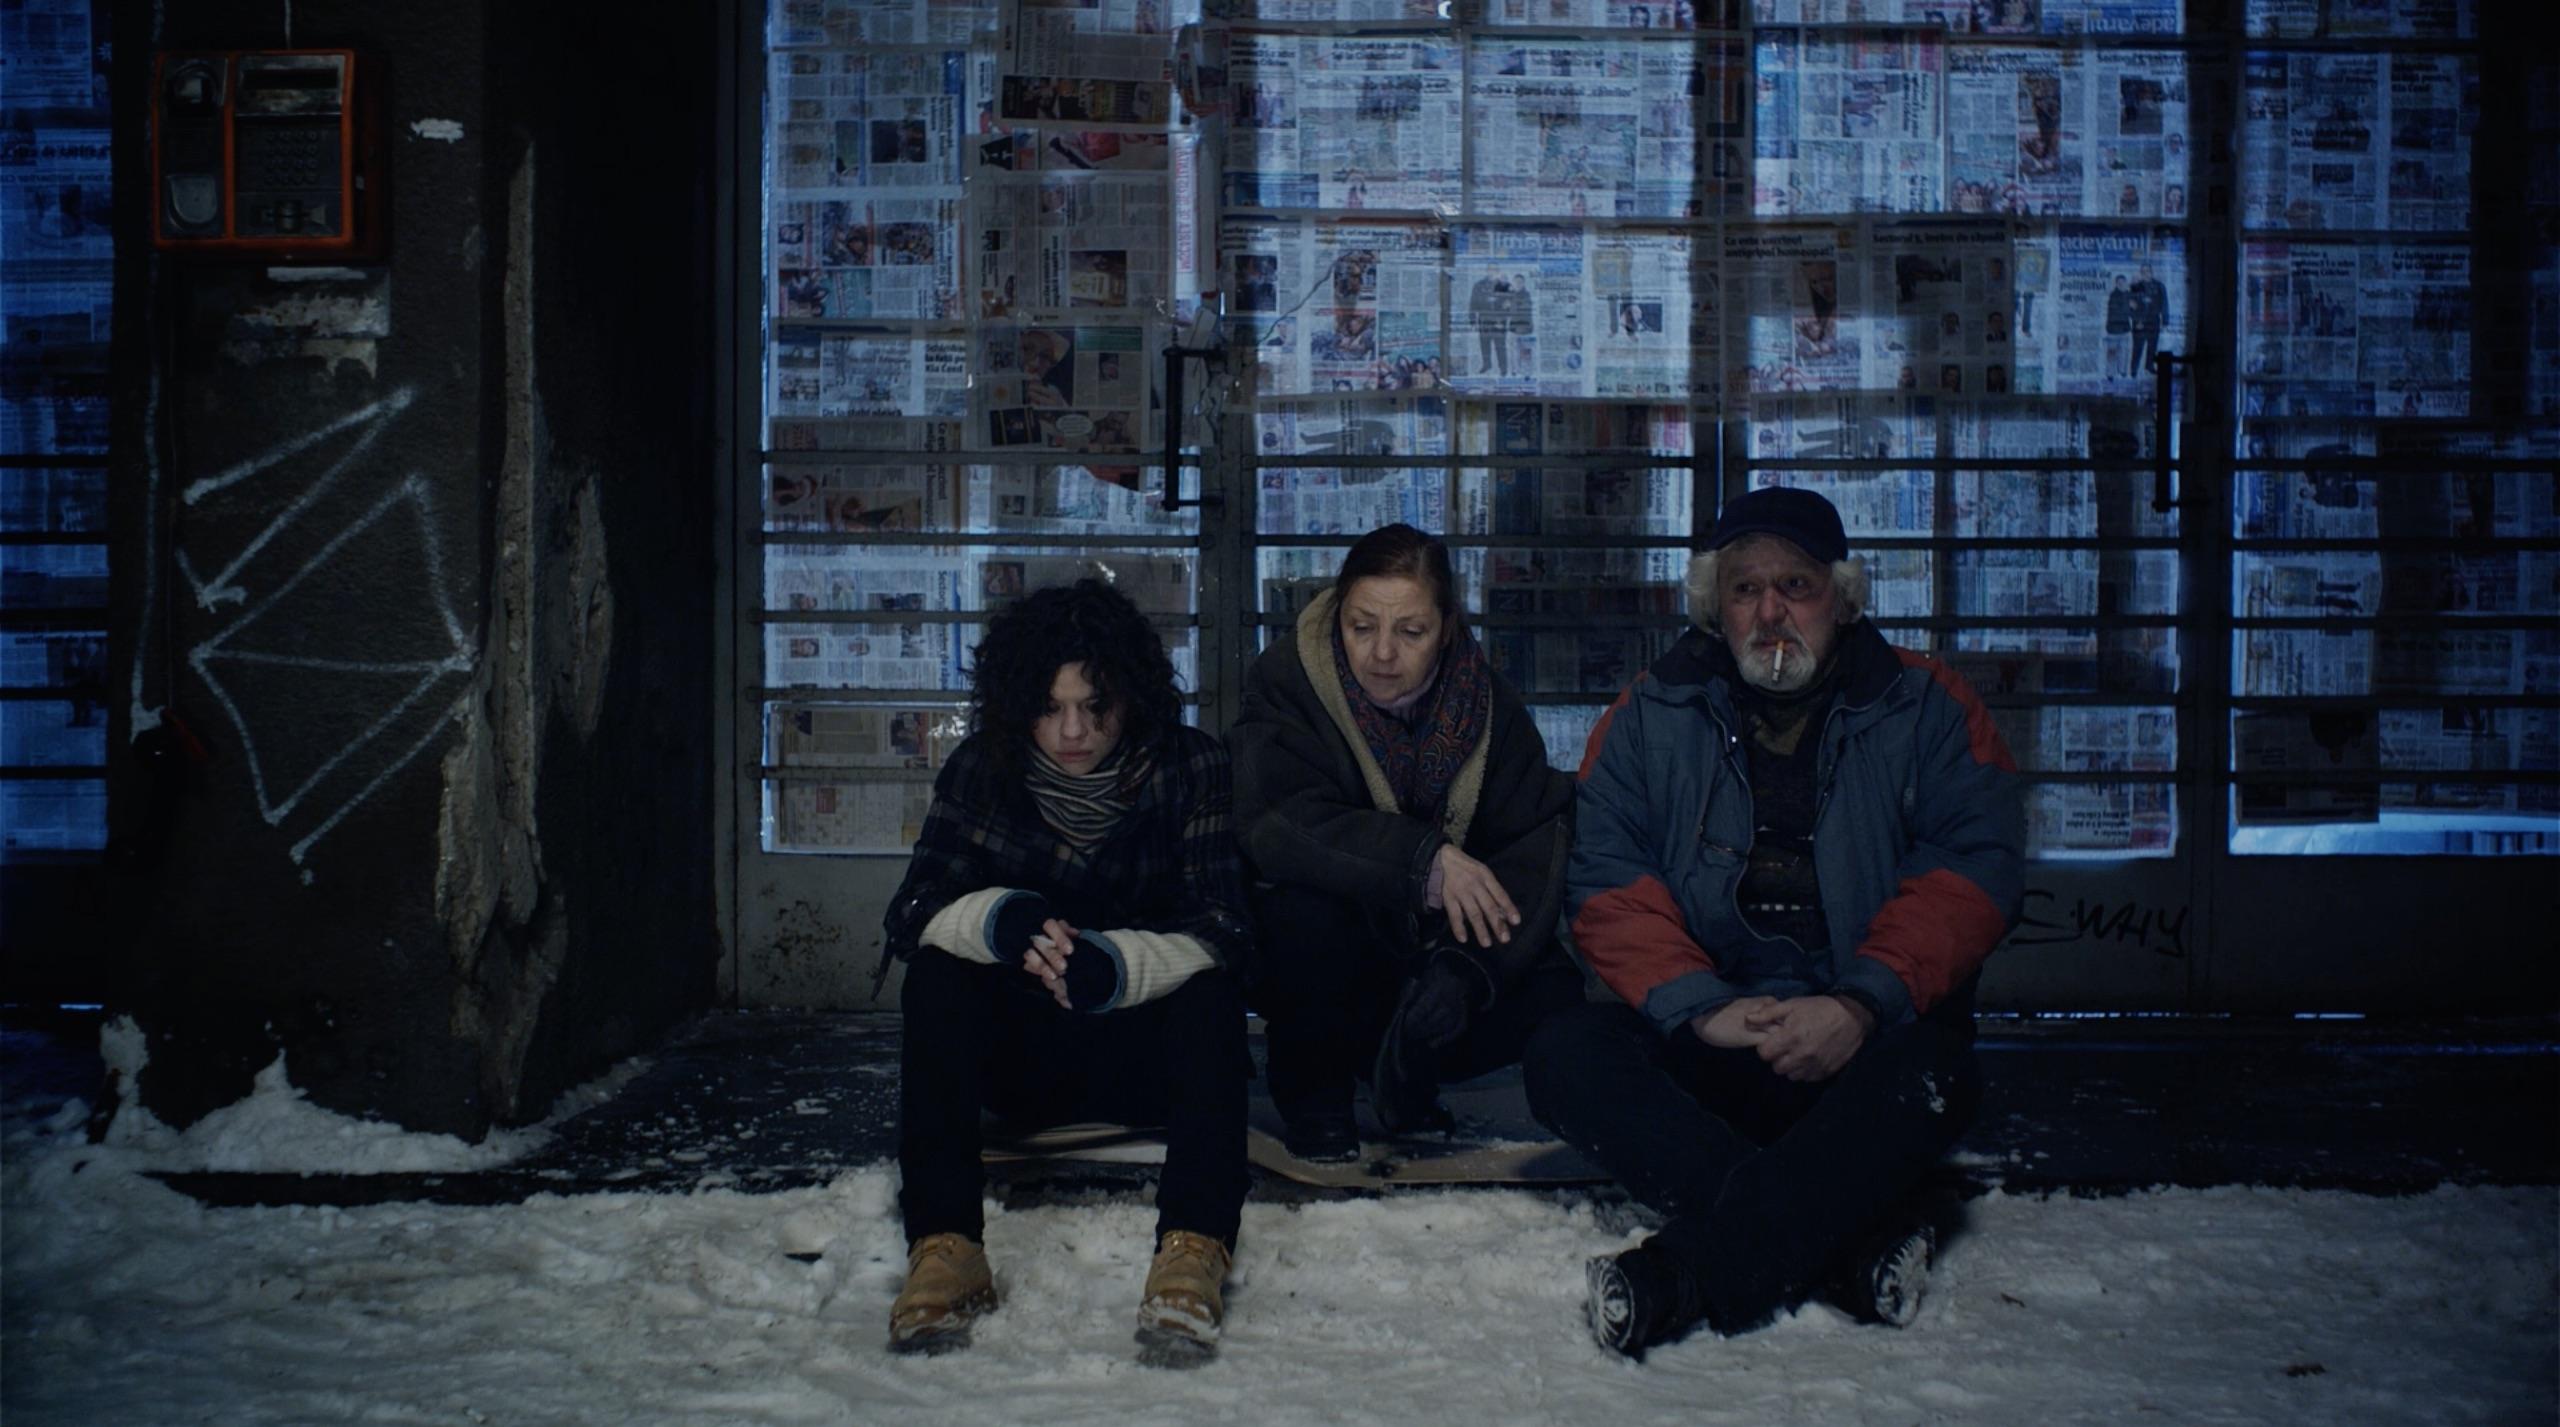 Dan Condurache, Rodica Negrea, and Madalina Craiu in Blu (2012)